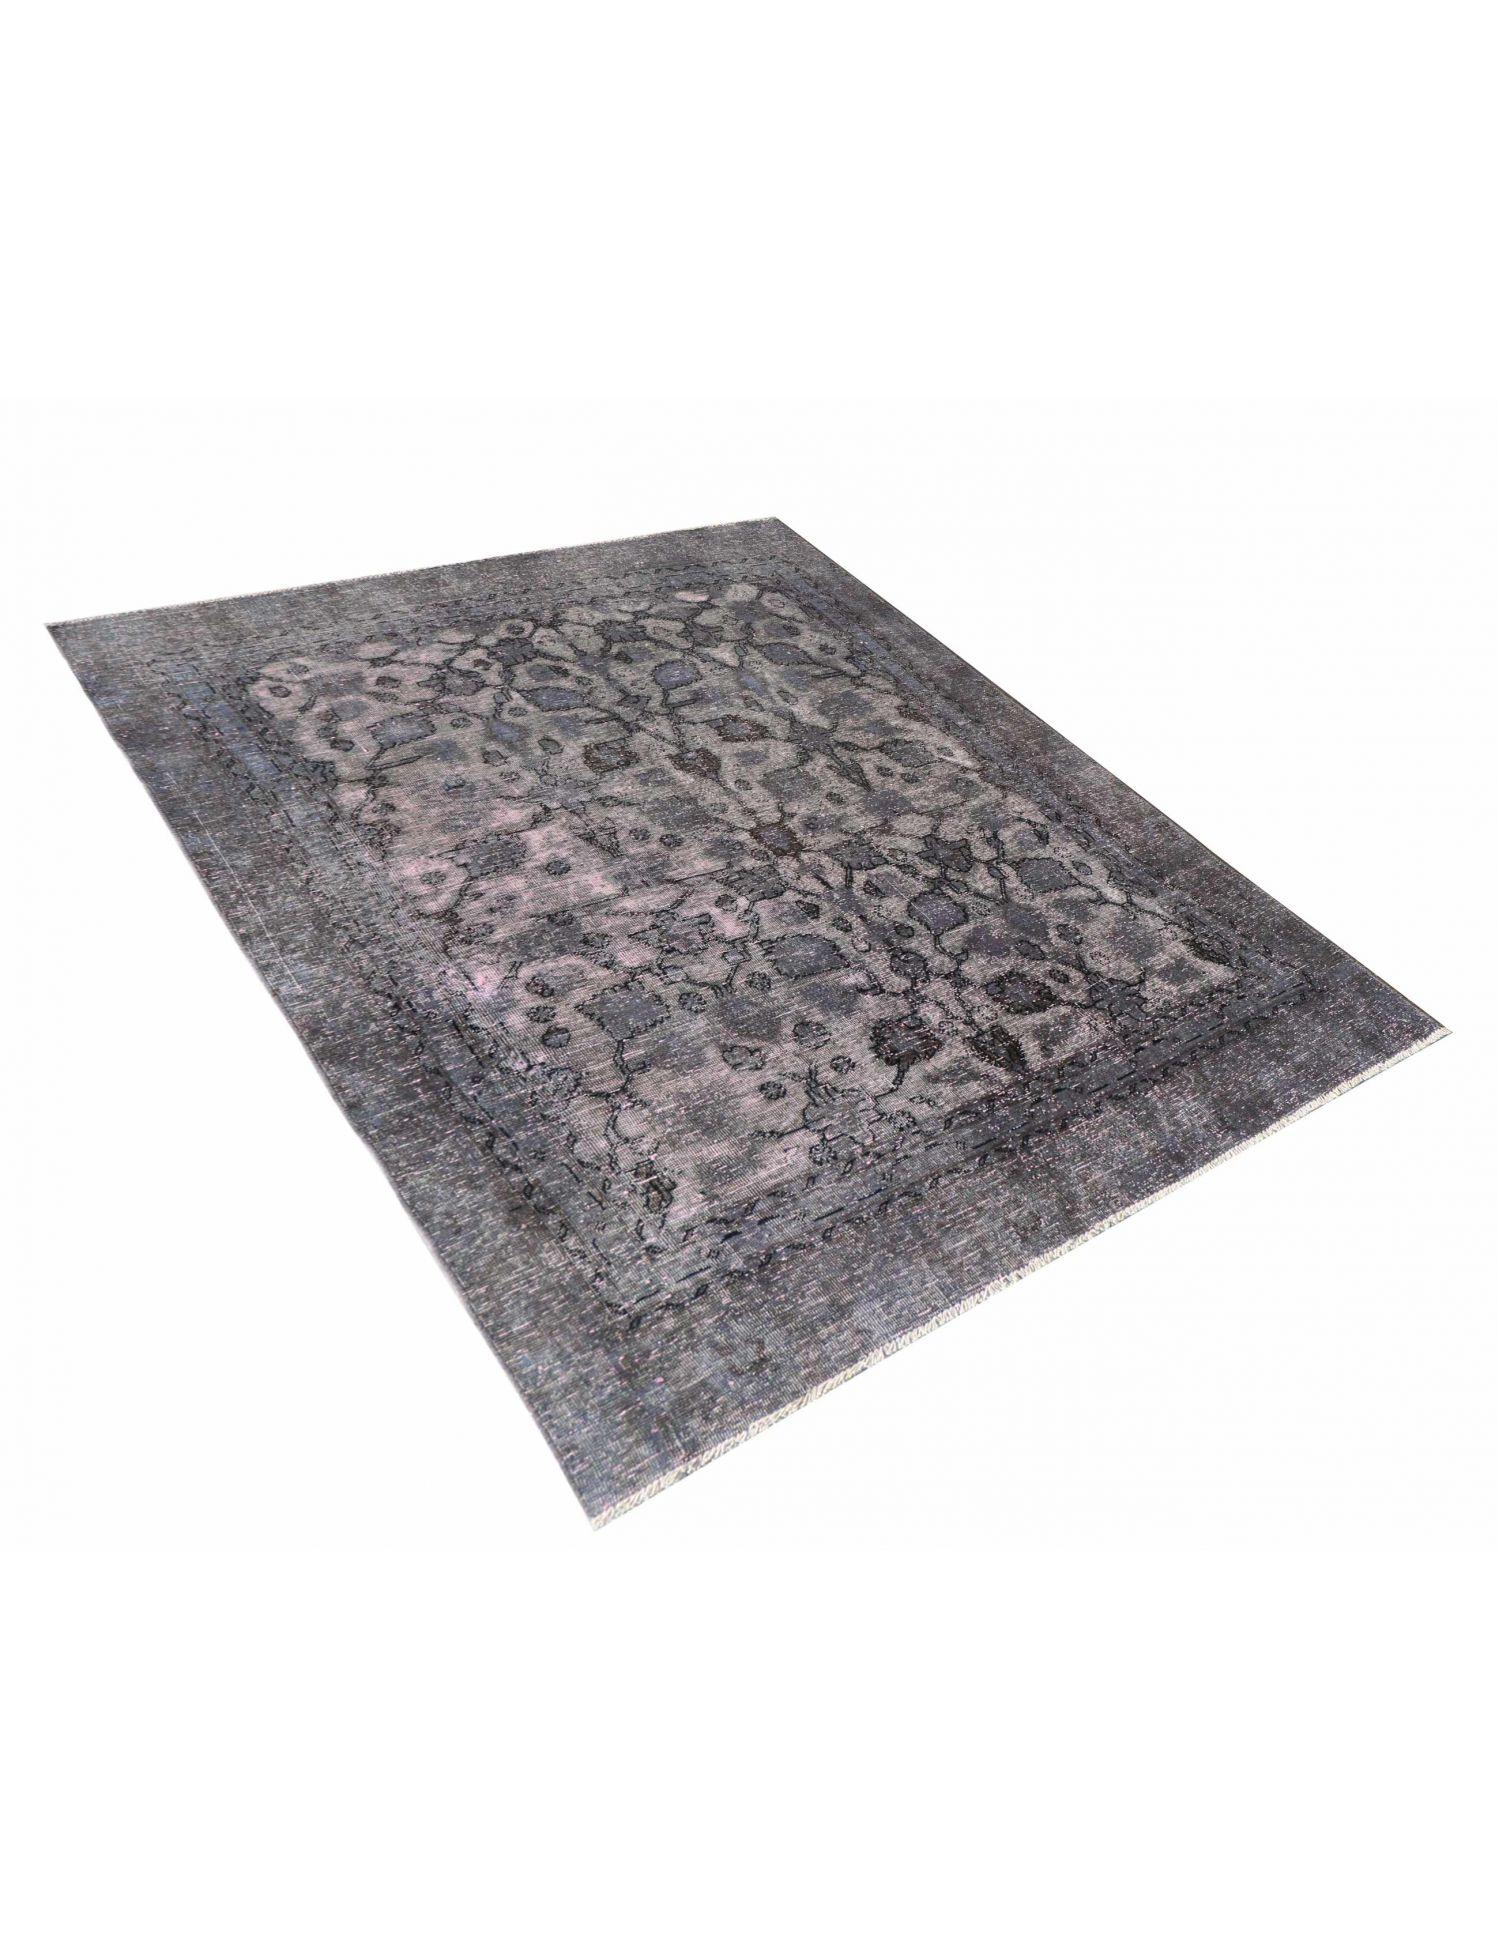 Persischer Vintage Teppich  grau <br/>240 x 162 cm